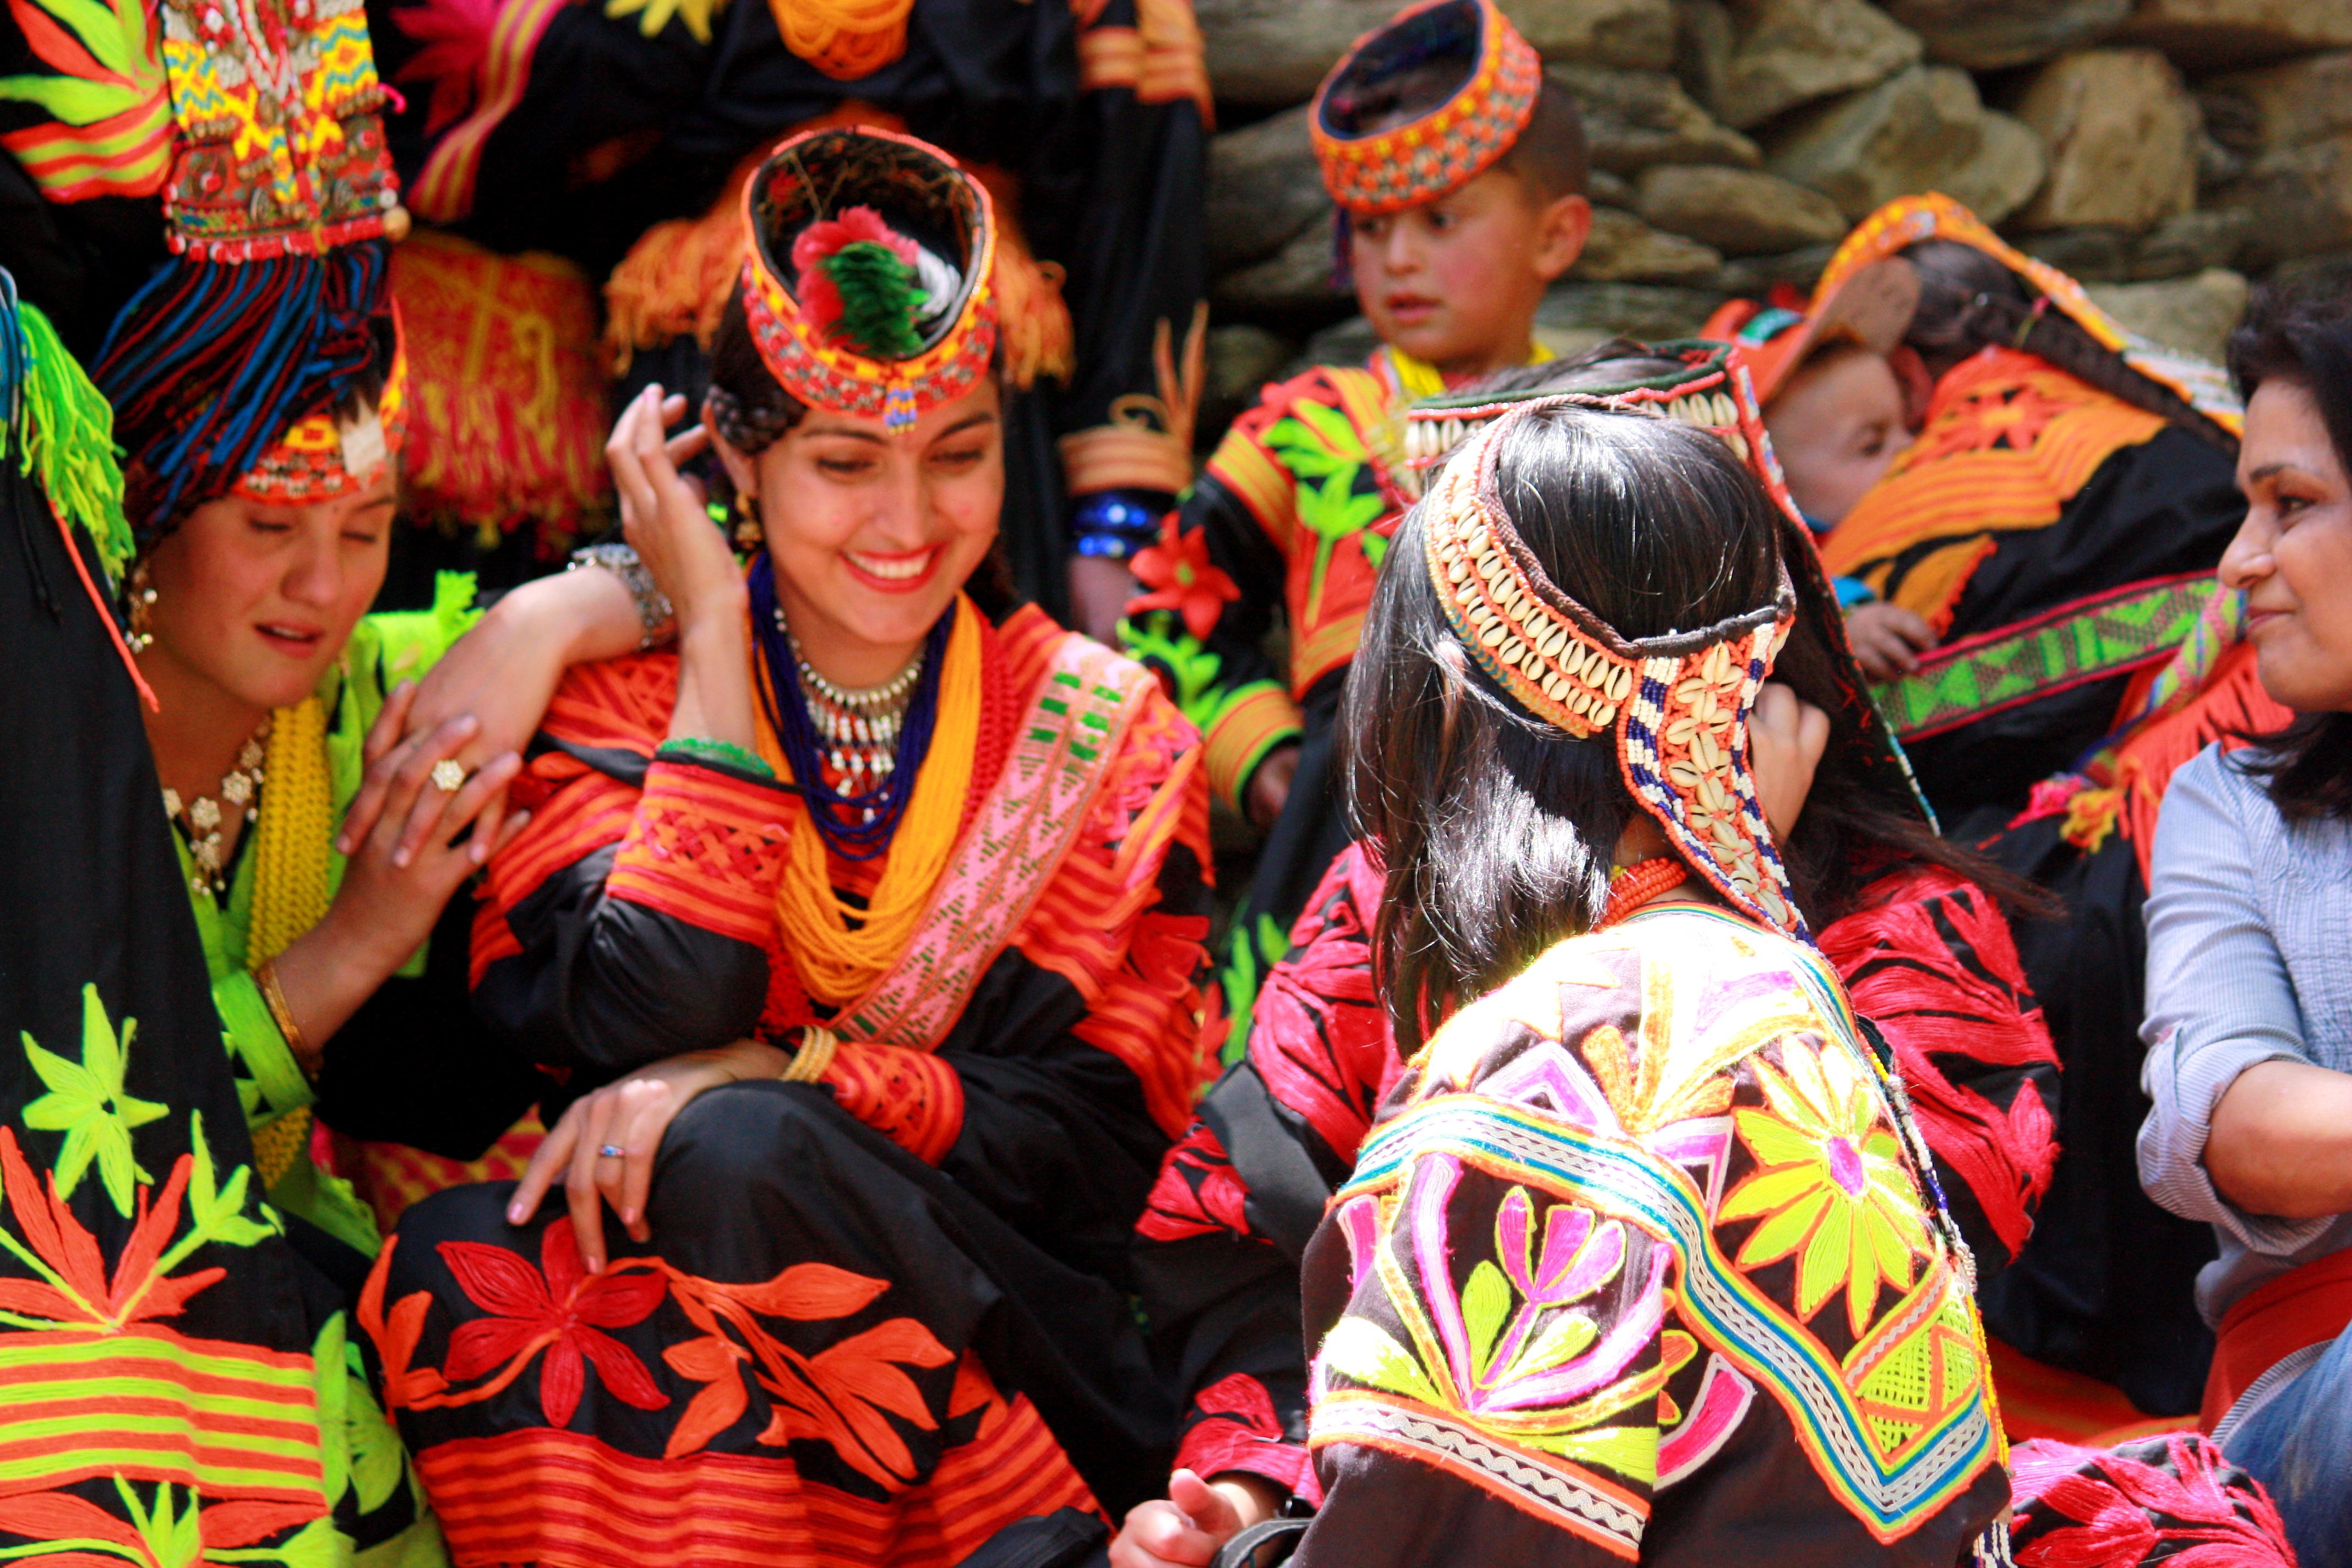 Kalash_women_traditional_clothing